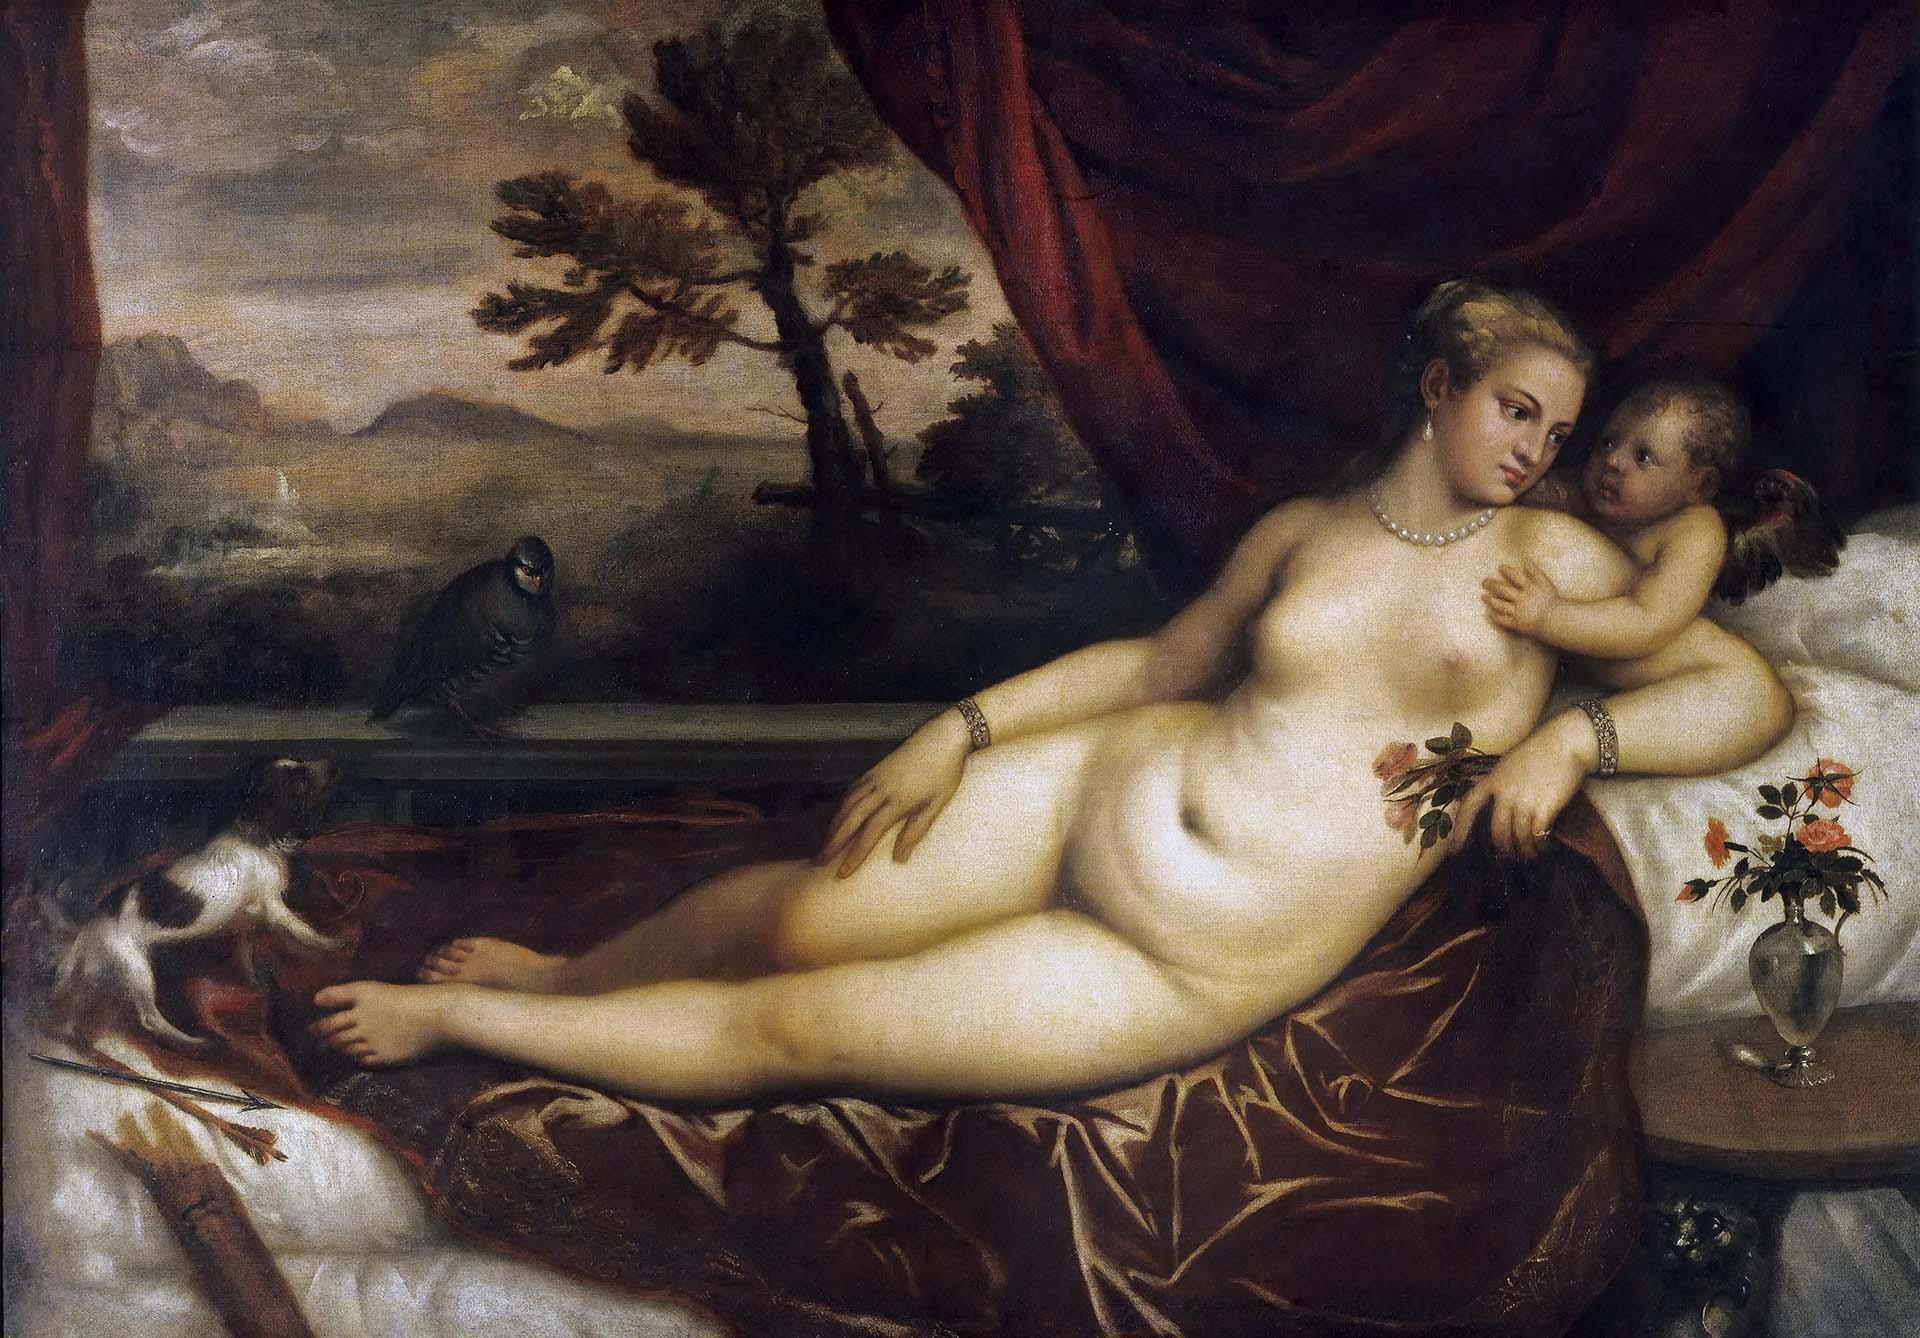 Тициан Вечеллио (Tiziano Vecellio), Венера с Купидоном, собачкой и куропаткой